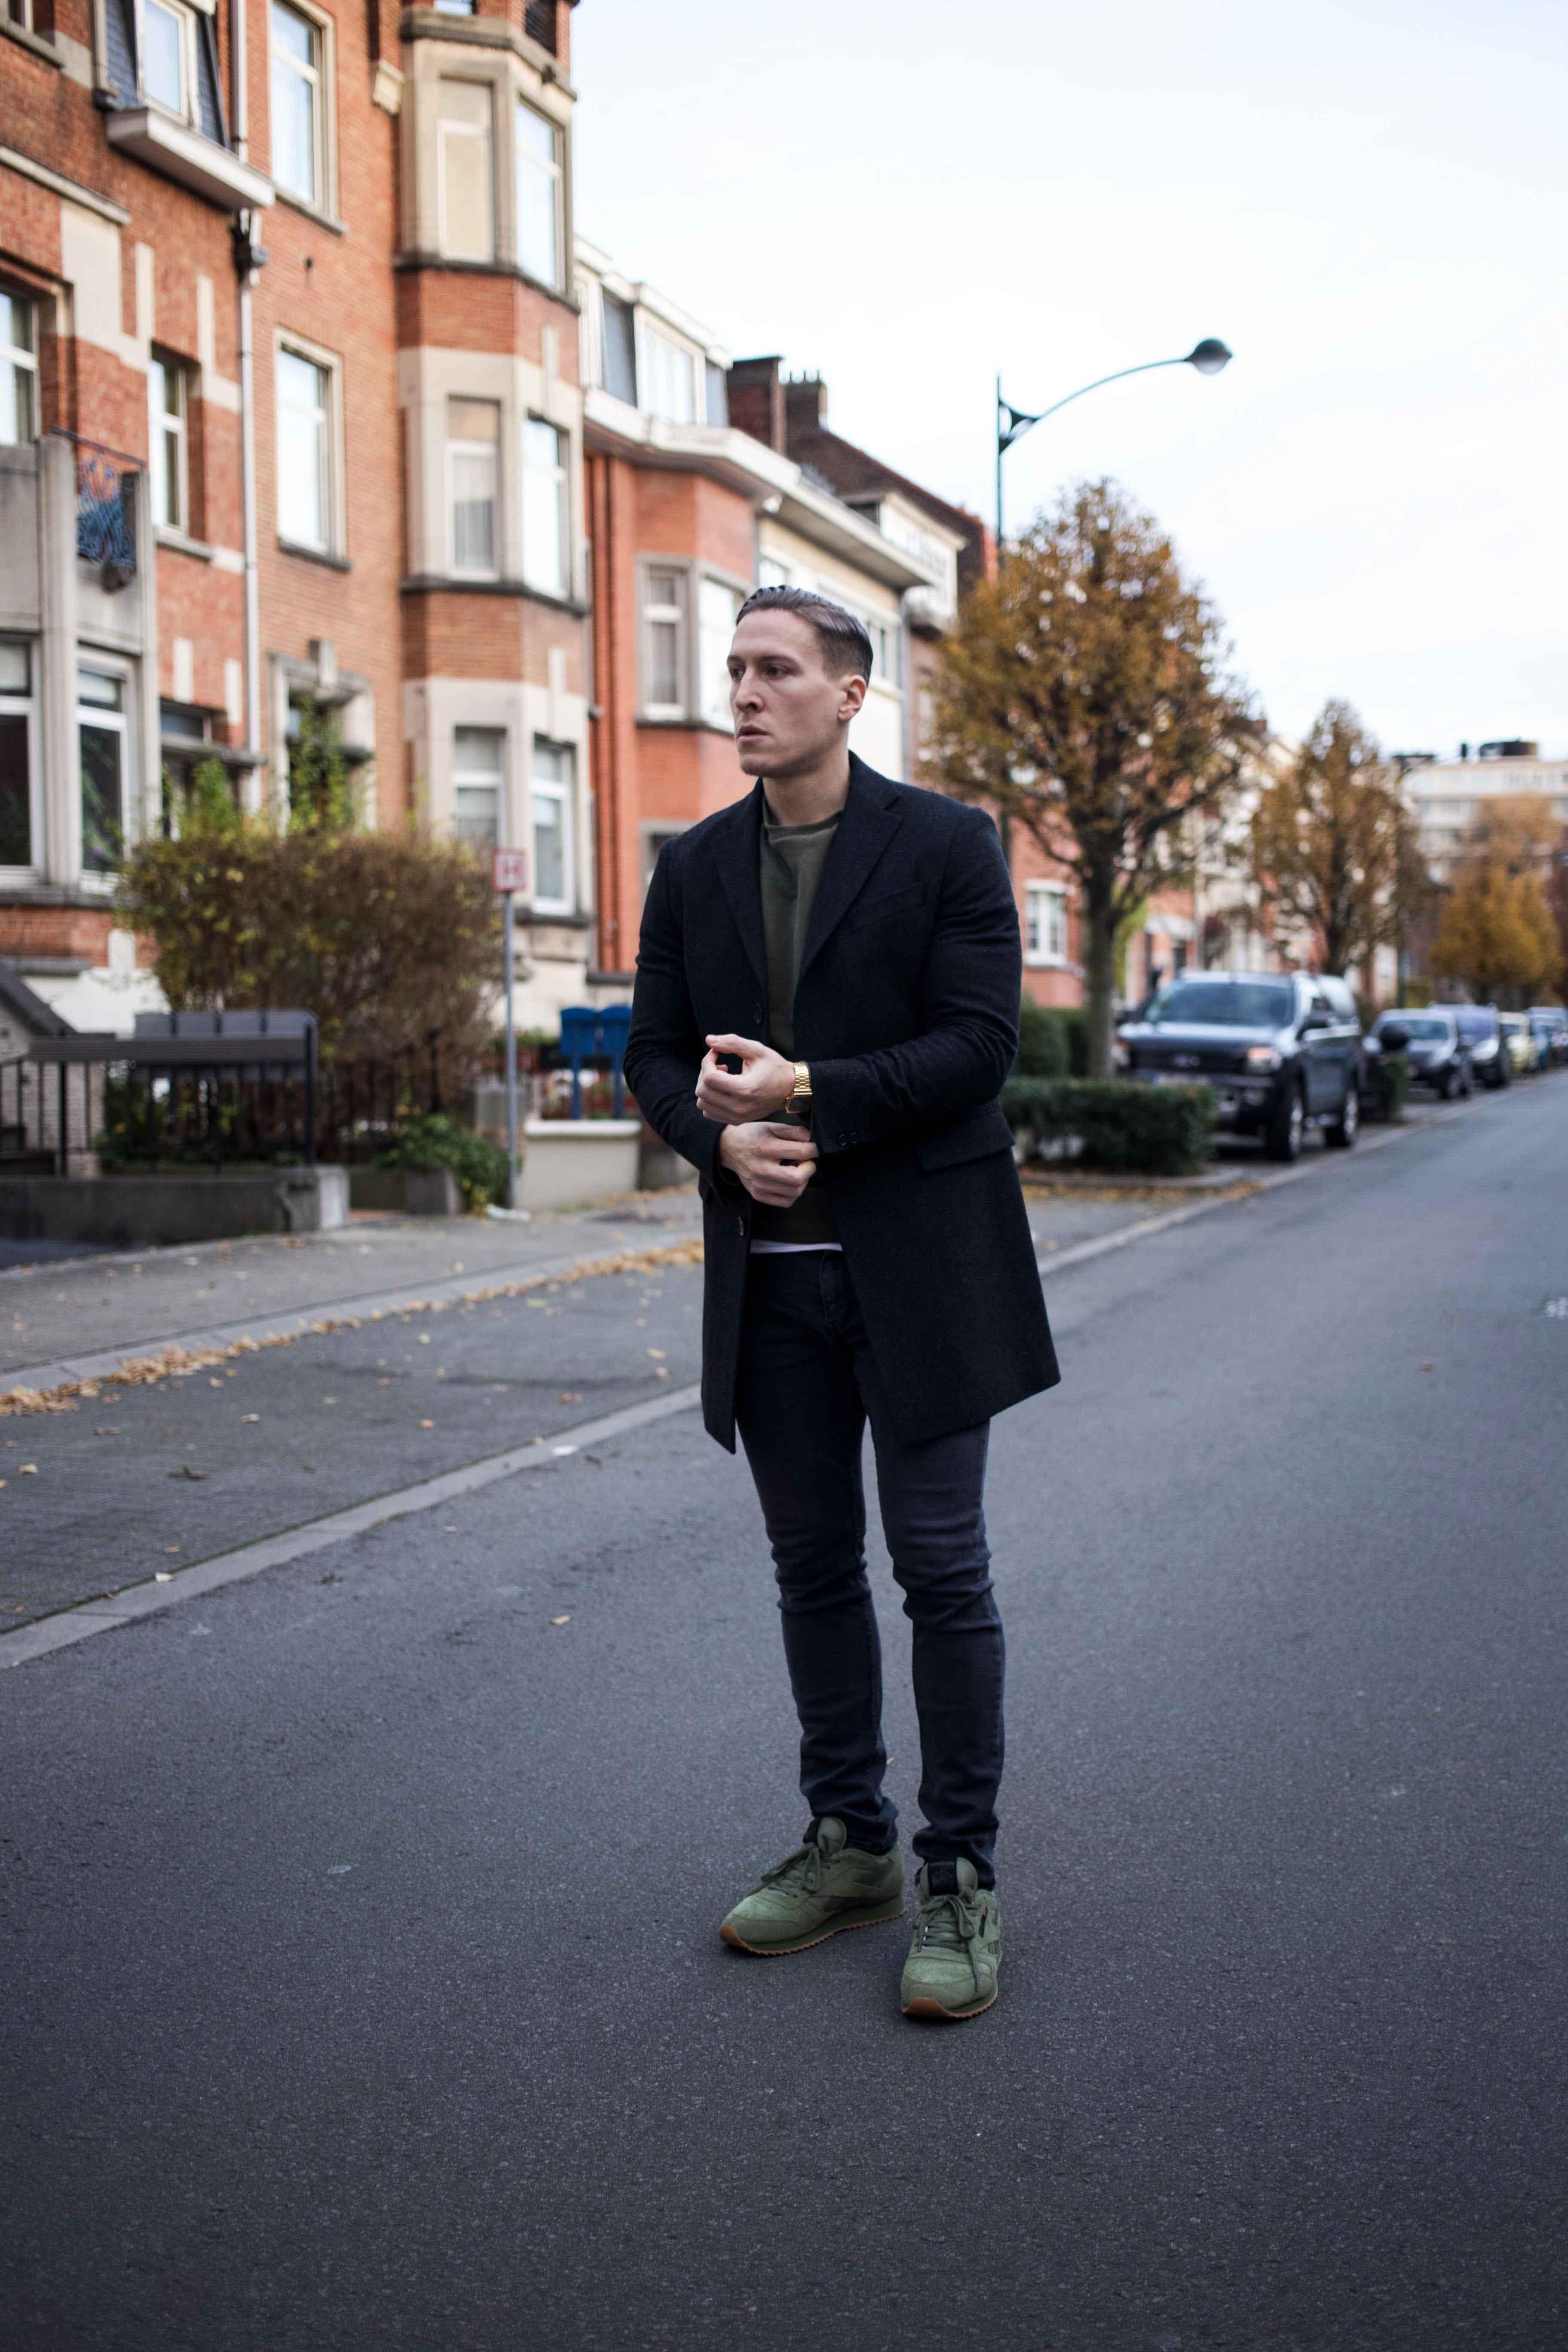 gruener-sweater-gruene-sneaker-modern-street-style-look-casio-uhr_8477